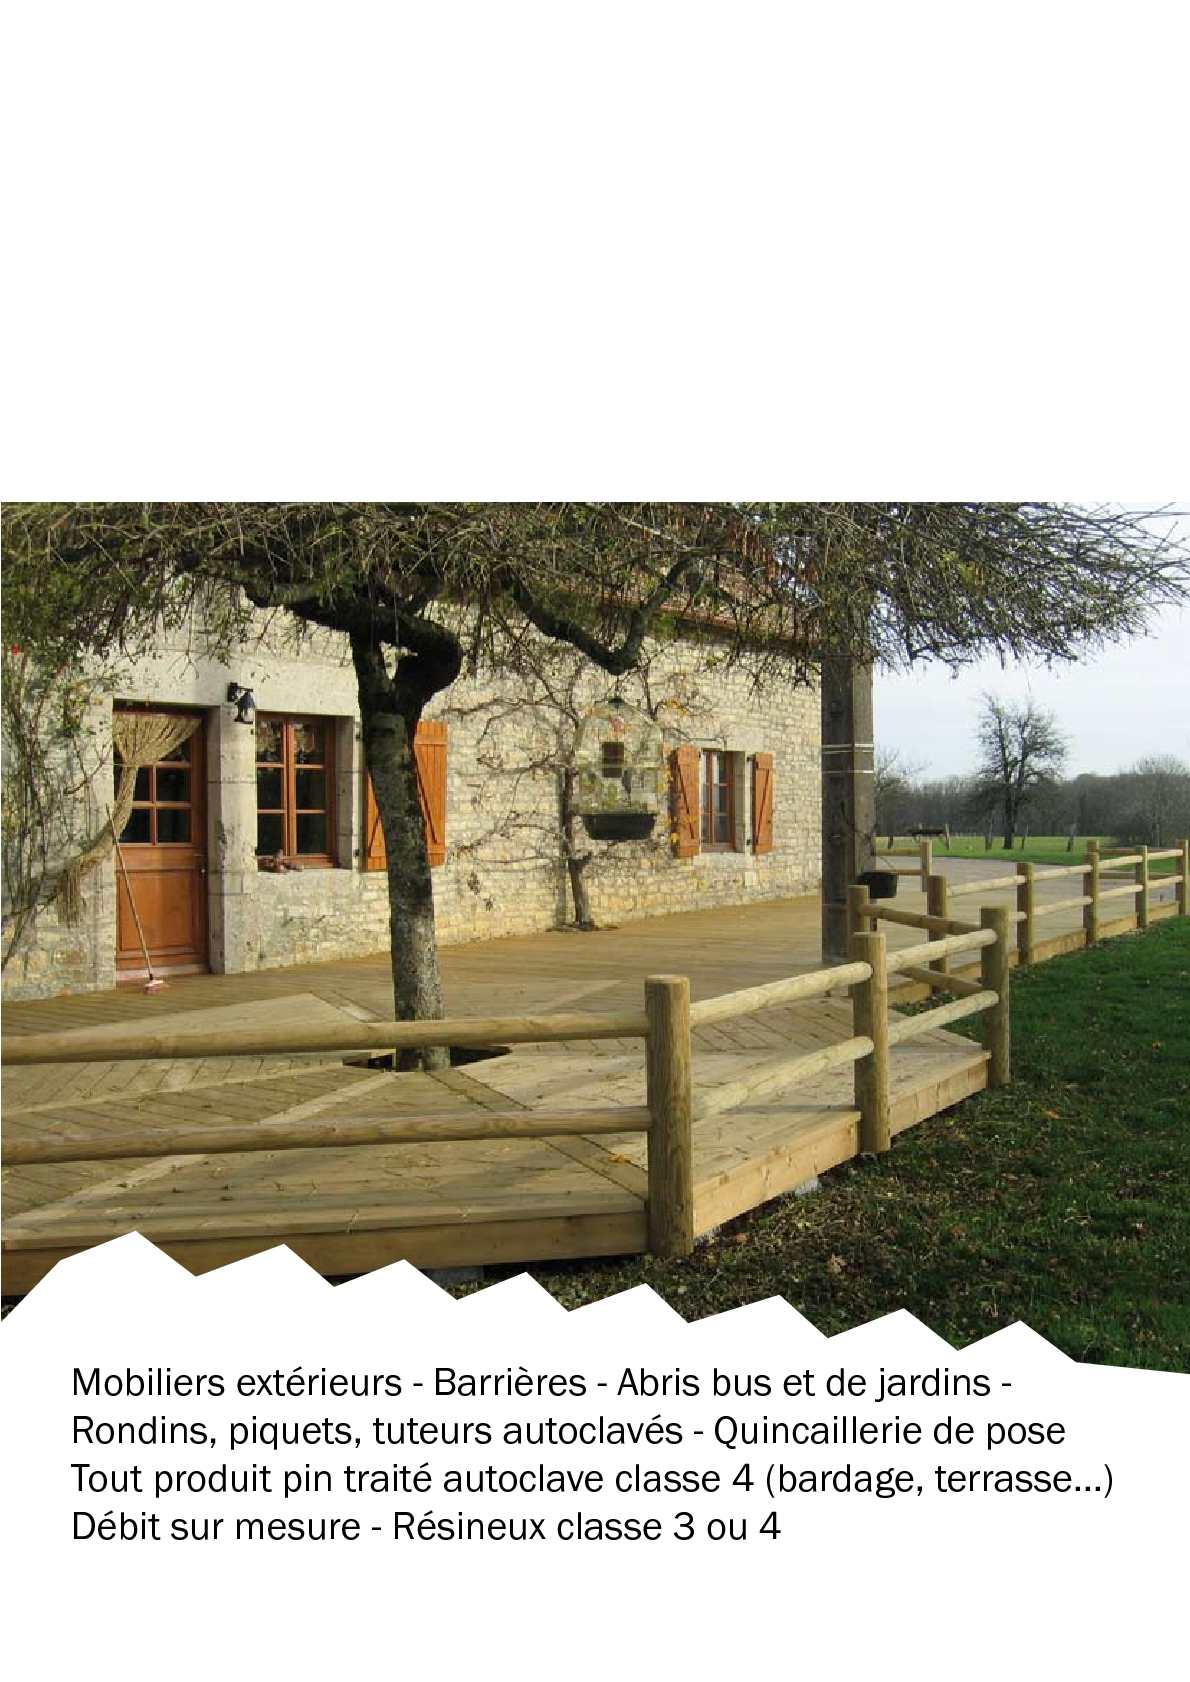 Calam o mobilier ext rieur bois - Bois autoclave classe 4 ...